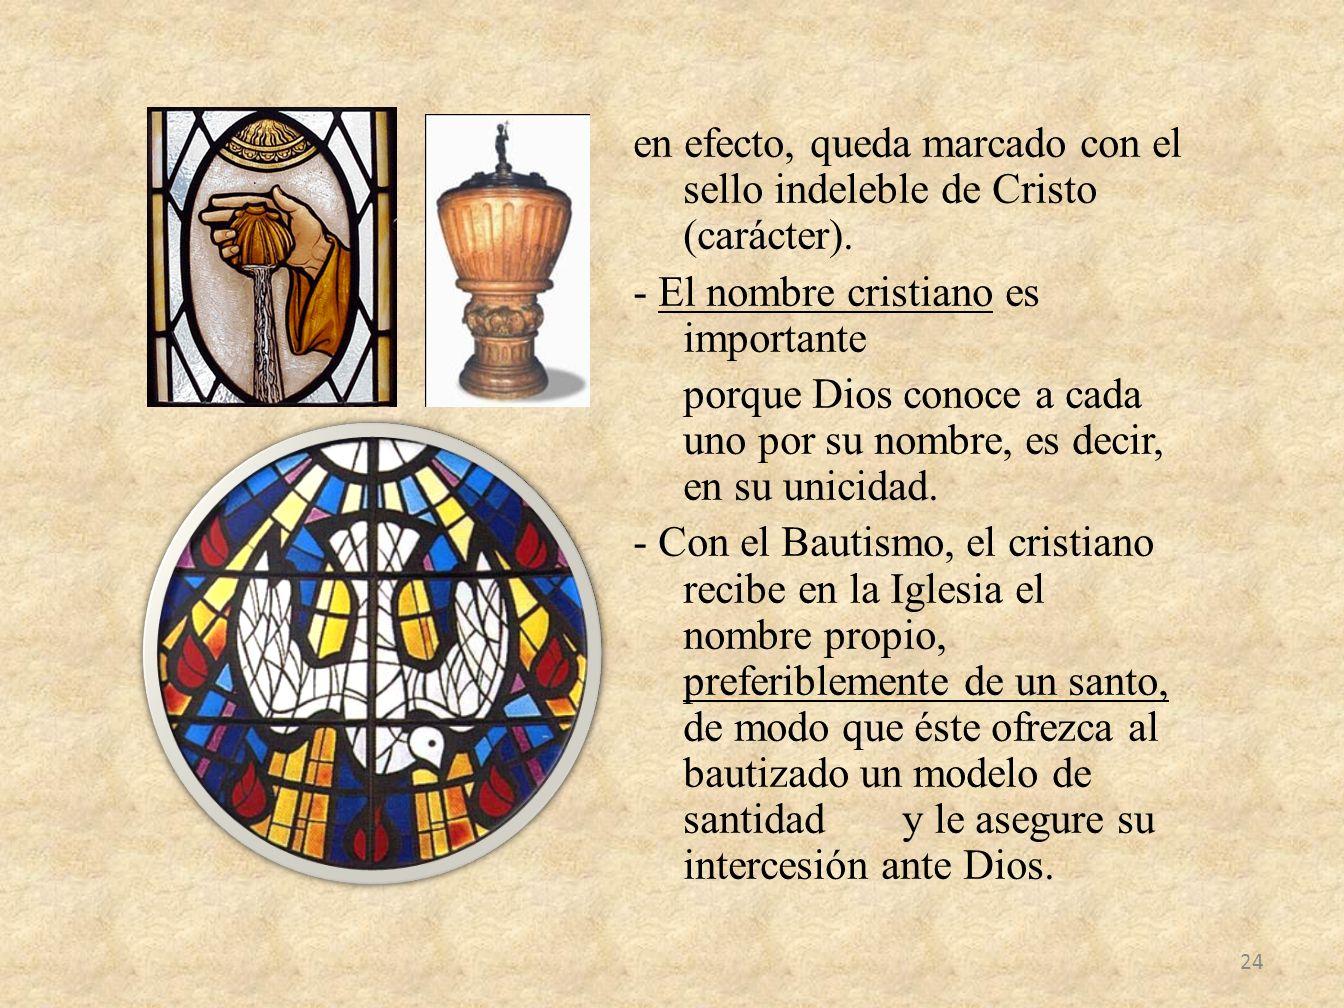 en efecto, queda marcado con el sello indeleble de Cristo (carácter)